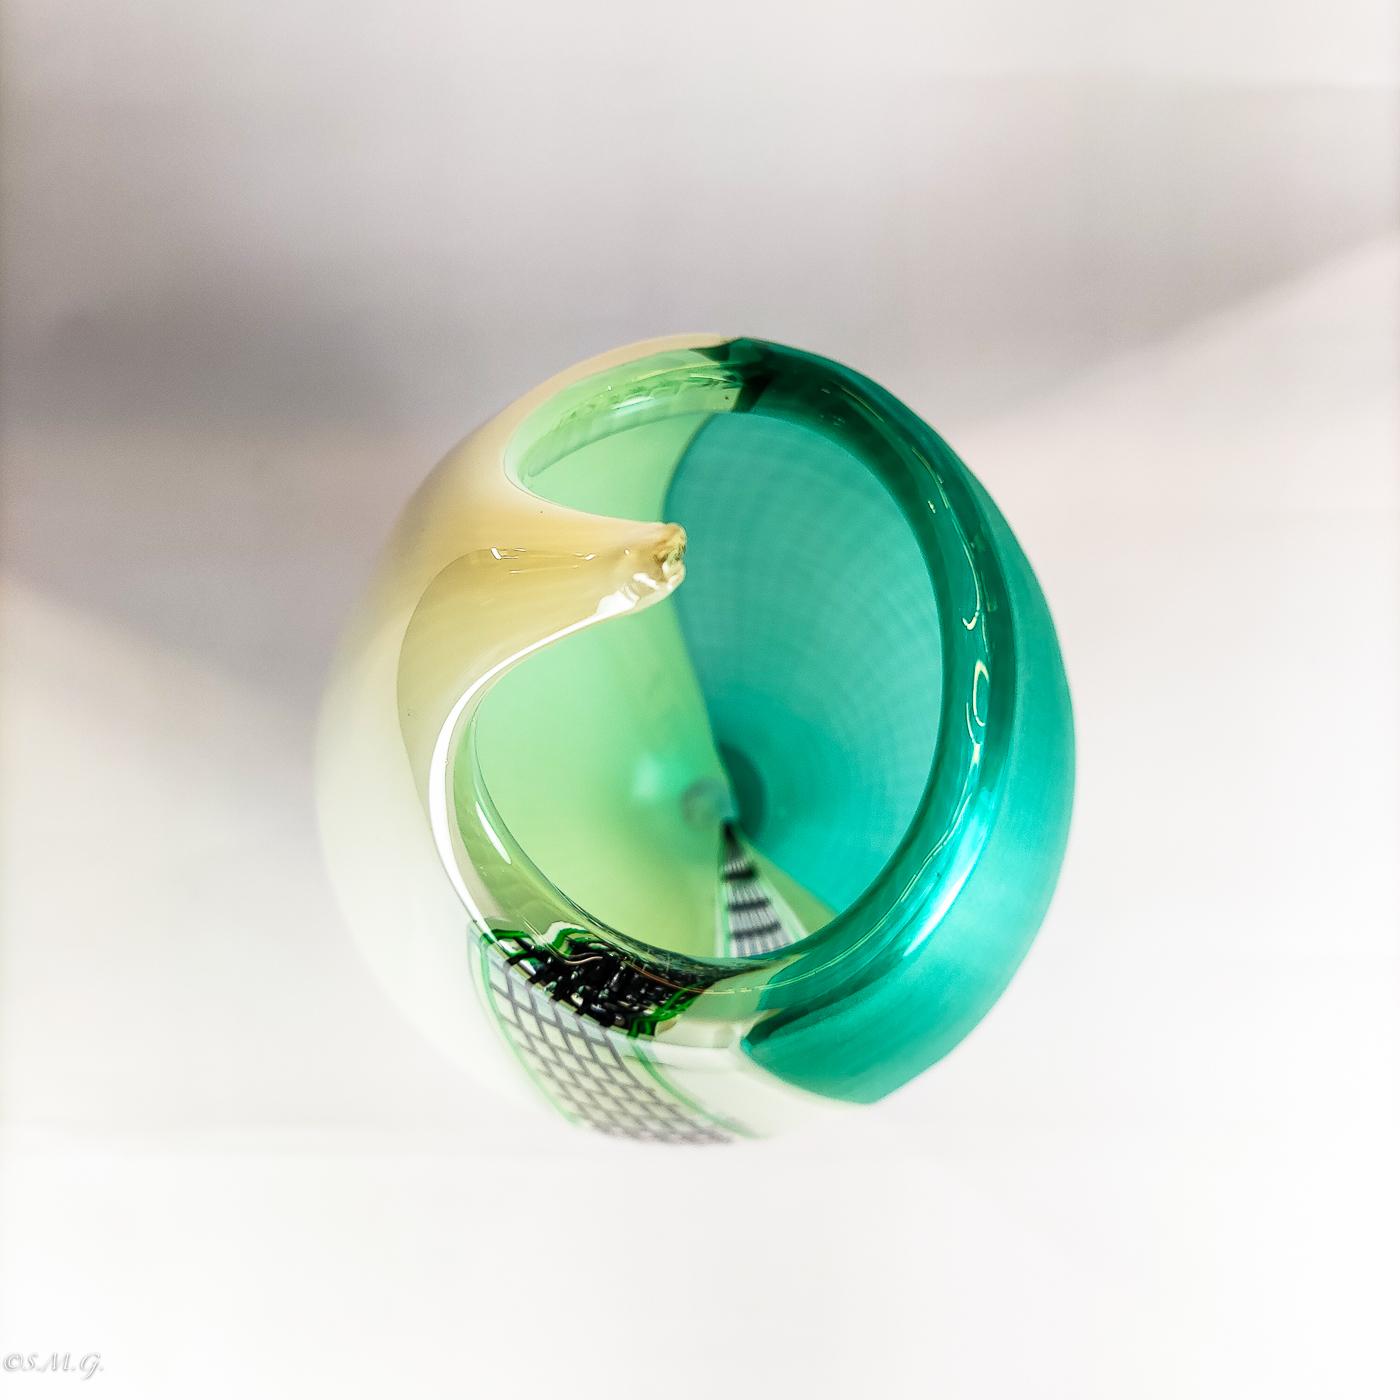 Vaso in vetro di Murano bianco nero e verde